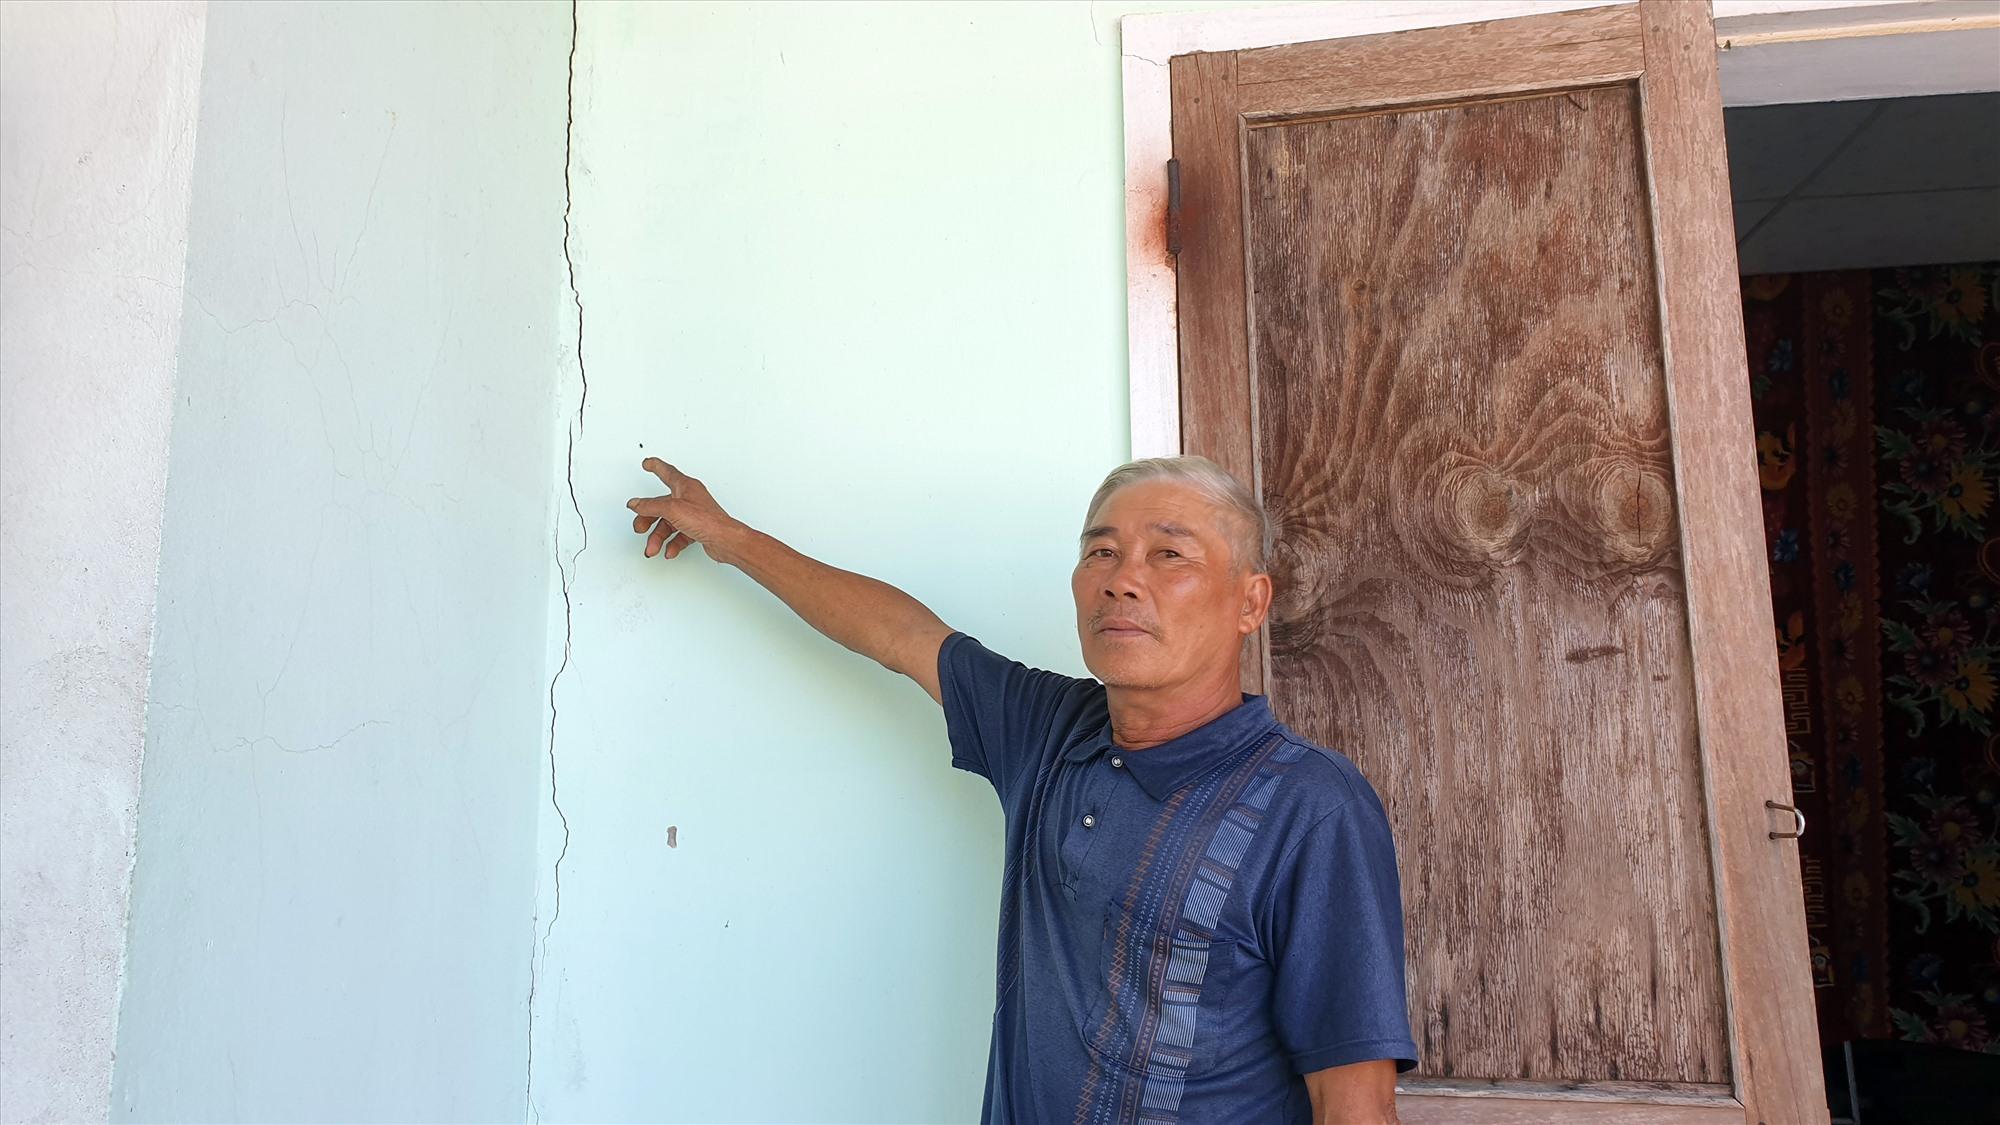 Nhiều hộ dân tại xã Duy Hải bị hư hỏng nhà cửa nhưng không sửa chữa được vì nằm trong vùng quy hoạch. Ảnh: T.N